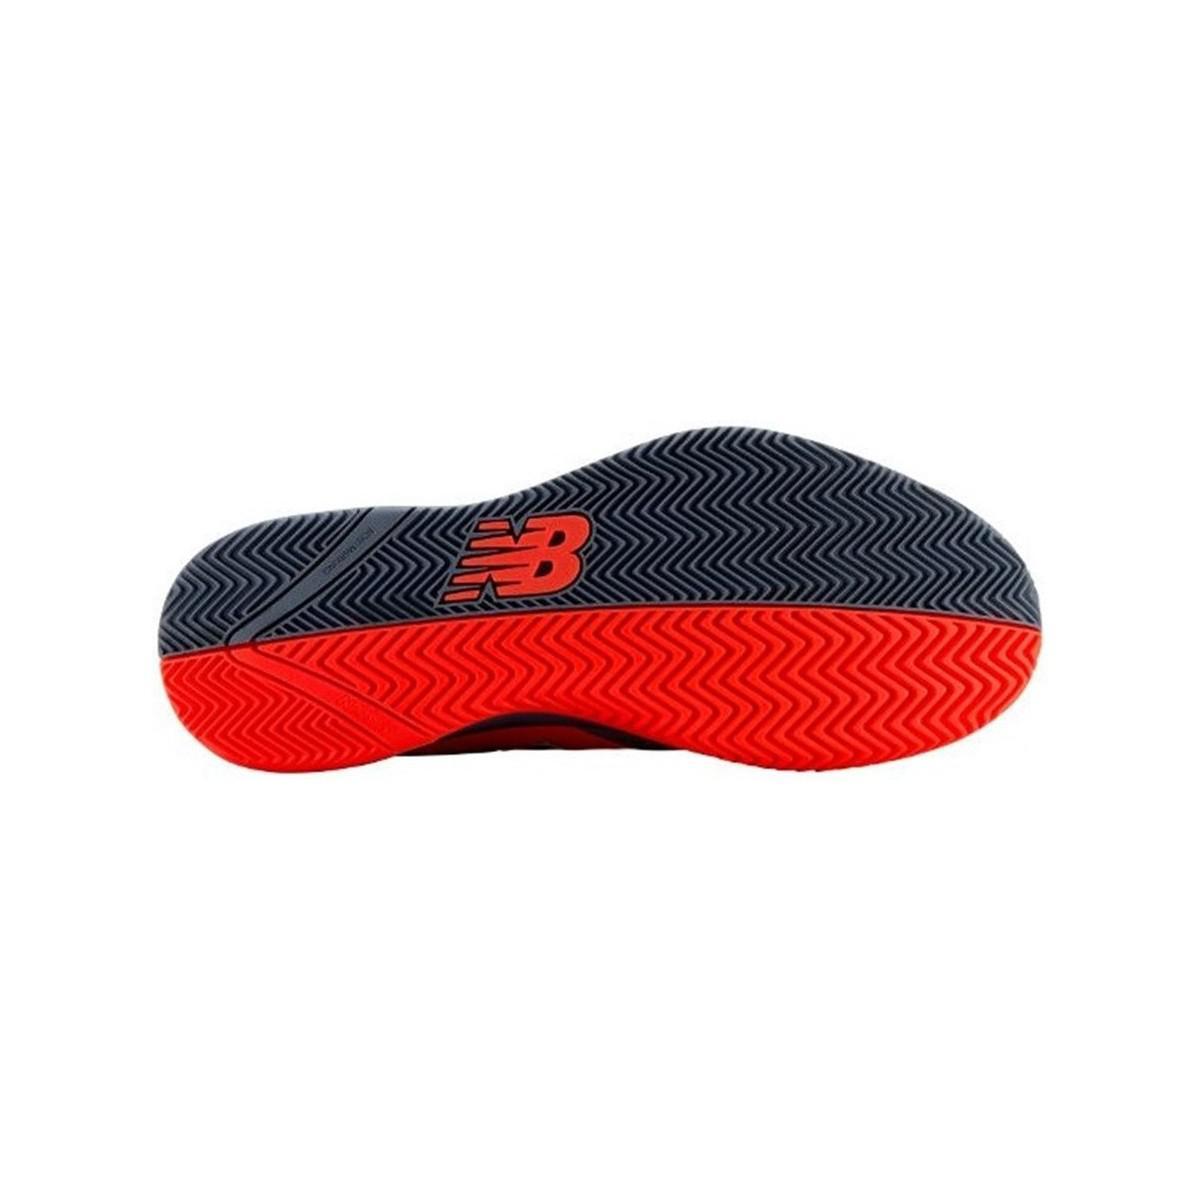 Wielka wyprzedaż ogromny zapas najlepiej kochany New Balance Mc996go2 Men's Shoes (trainers) In Grey in Gray ...